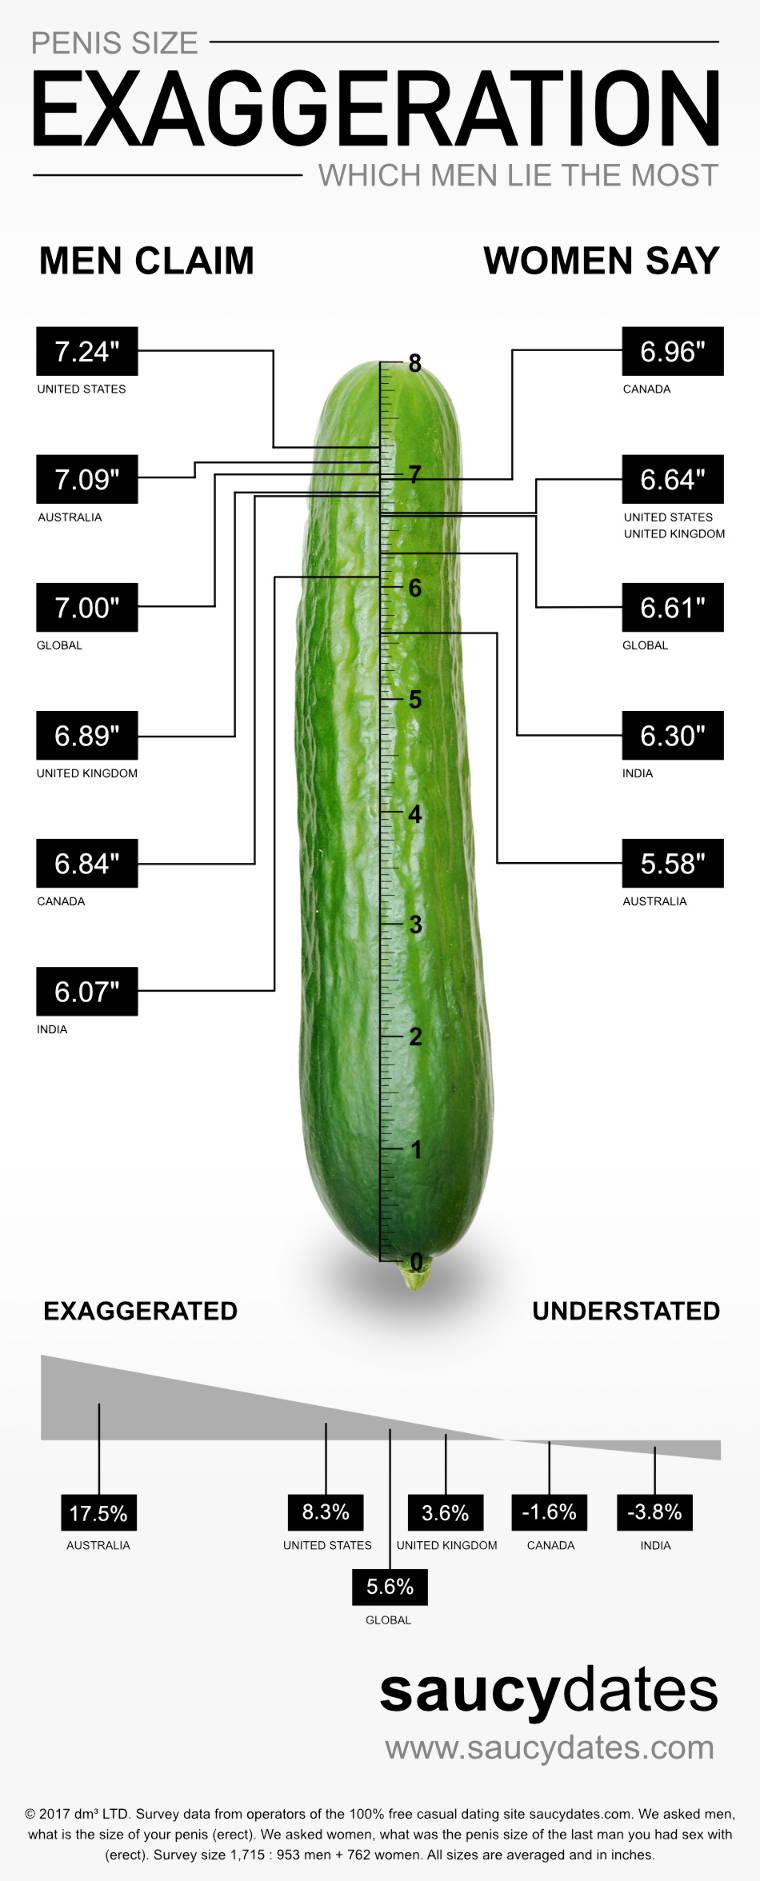 Minden, ami méret: Elképesztő tények a férfiasságról